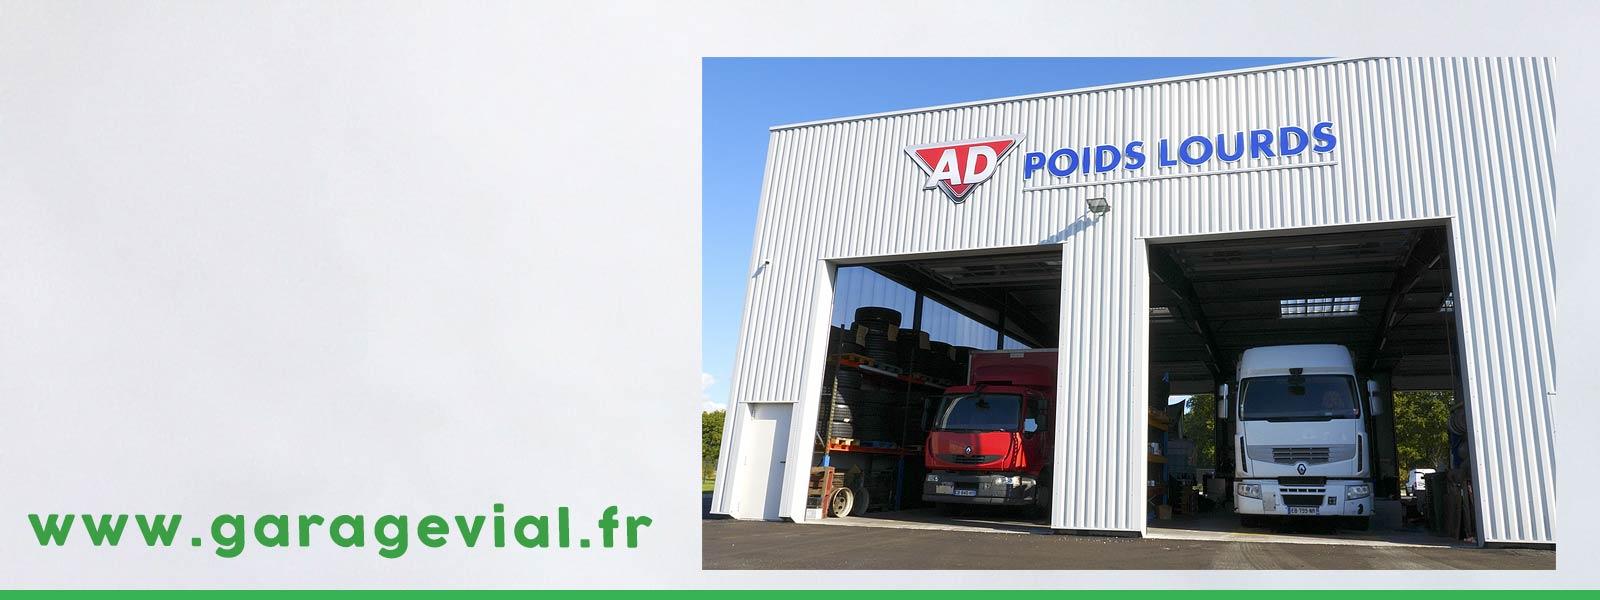 Réparation de véhicules poids-lourds en Gironde (33)